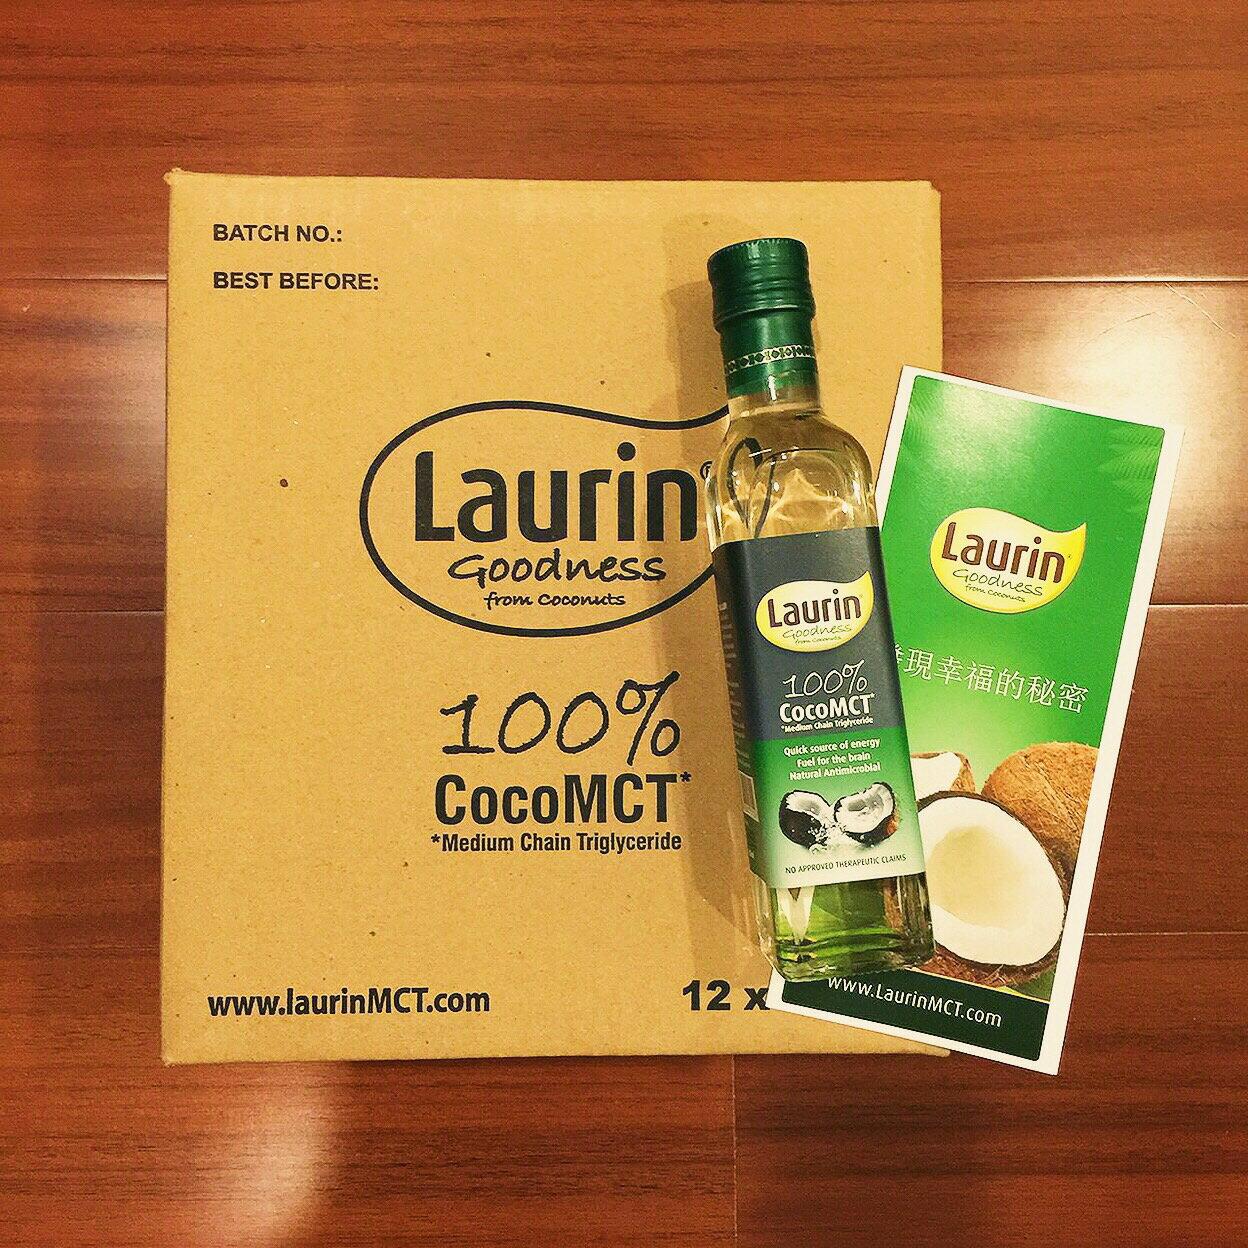 ★防彈中鏈脂肪酸★給您五倍冷壓椰子油營養~【菲律賓原裝進口Laurin 100%MCT椰子油】 250ml X 6